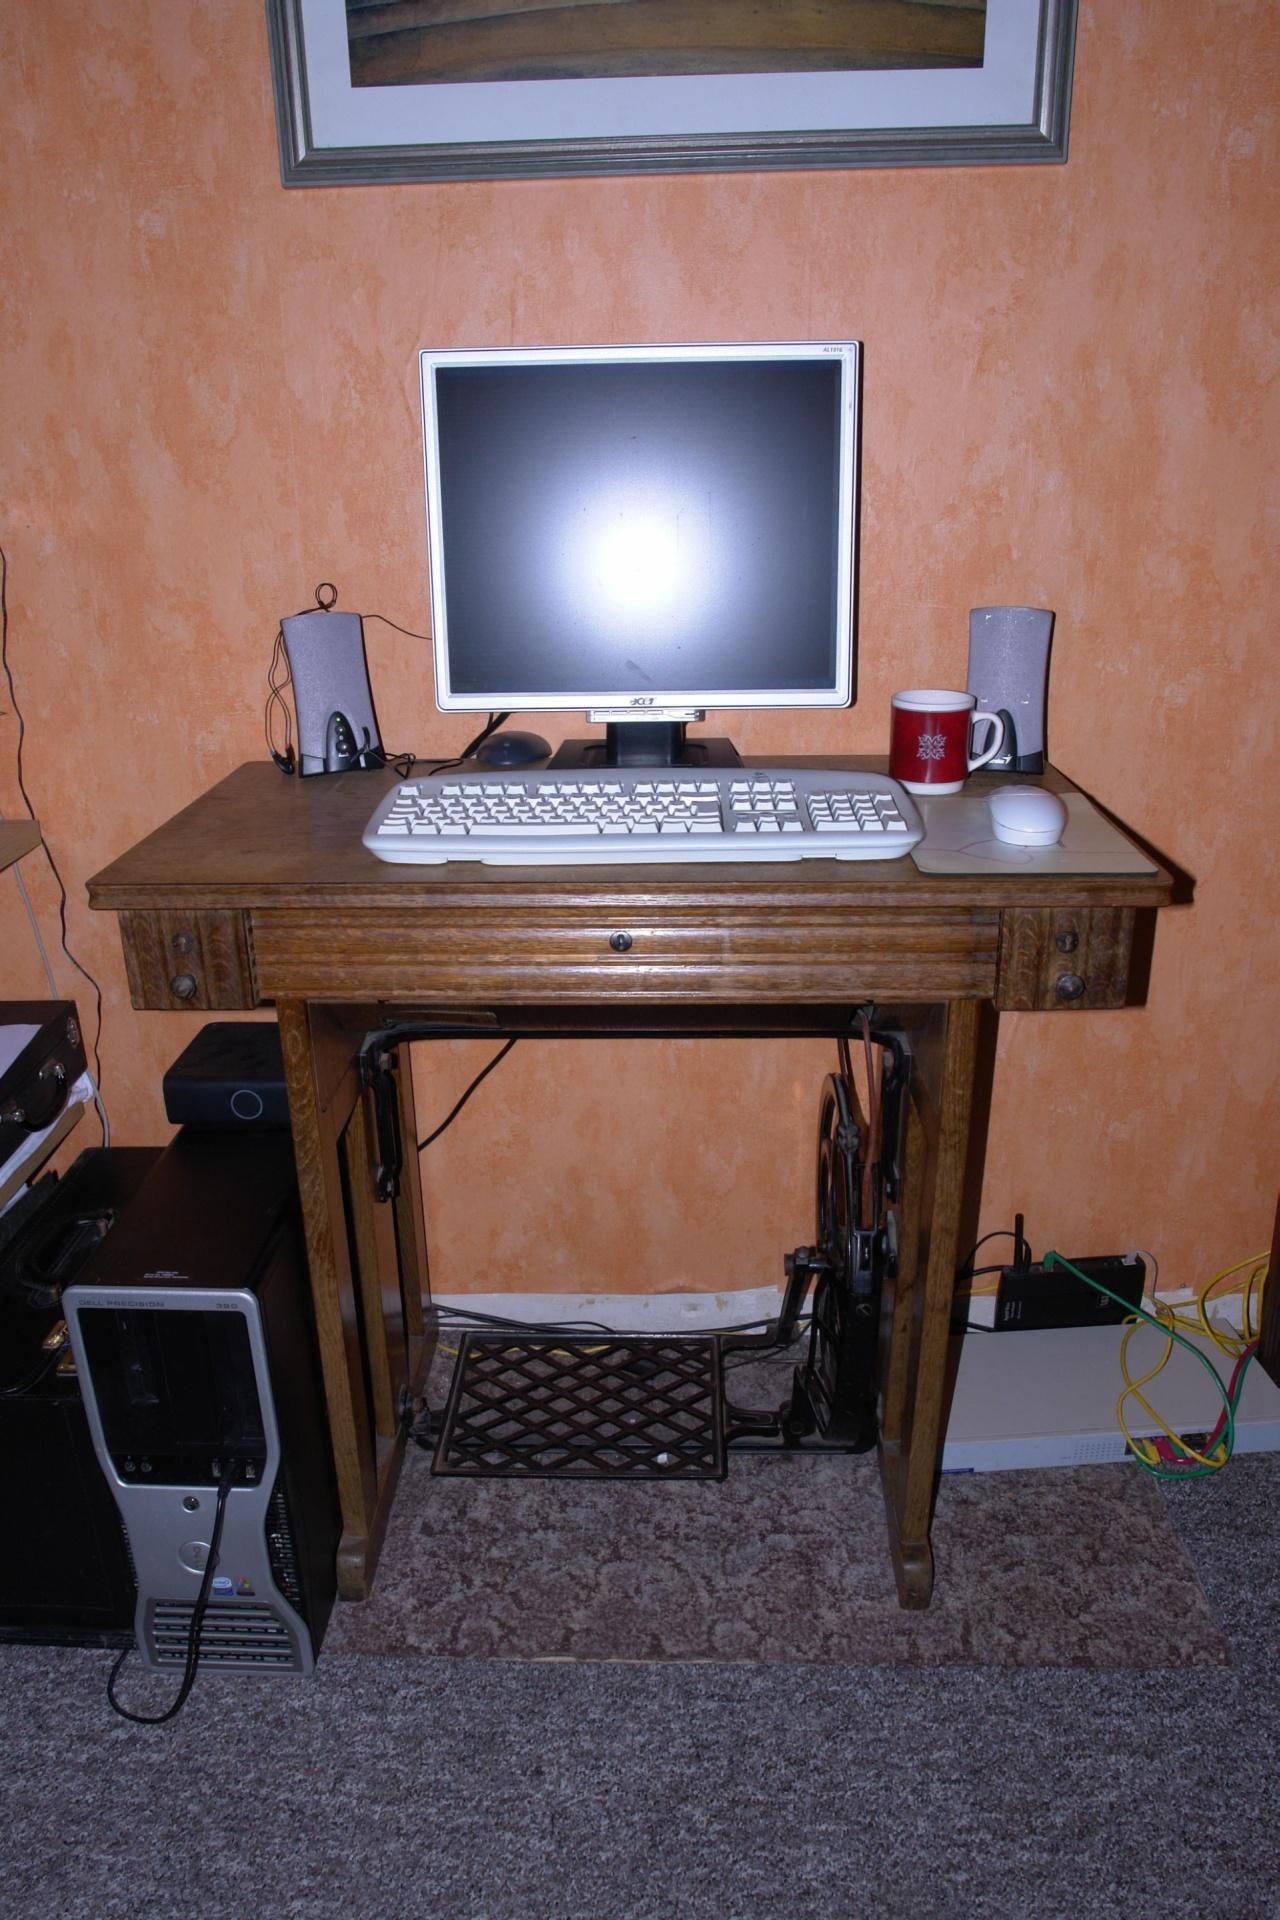 Nähmaschinenschreibtisch mit Computer